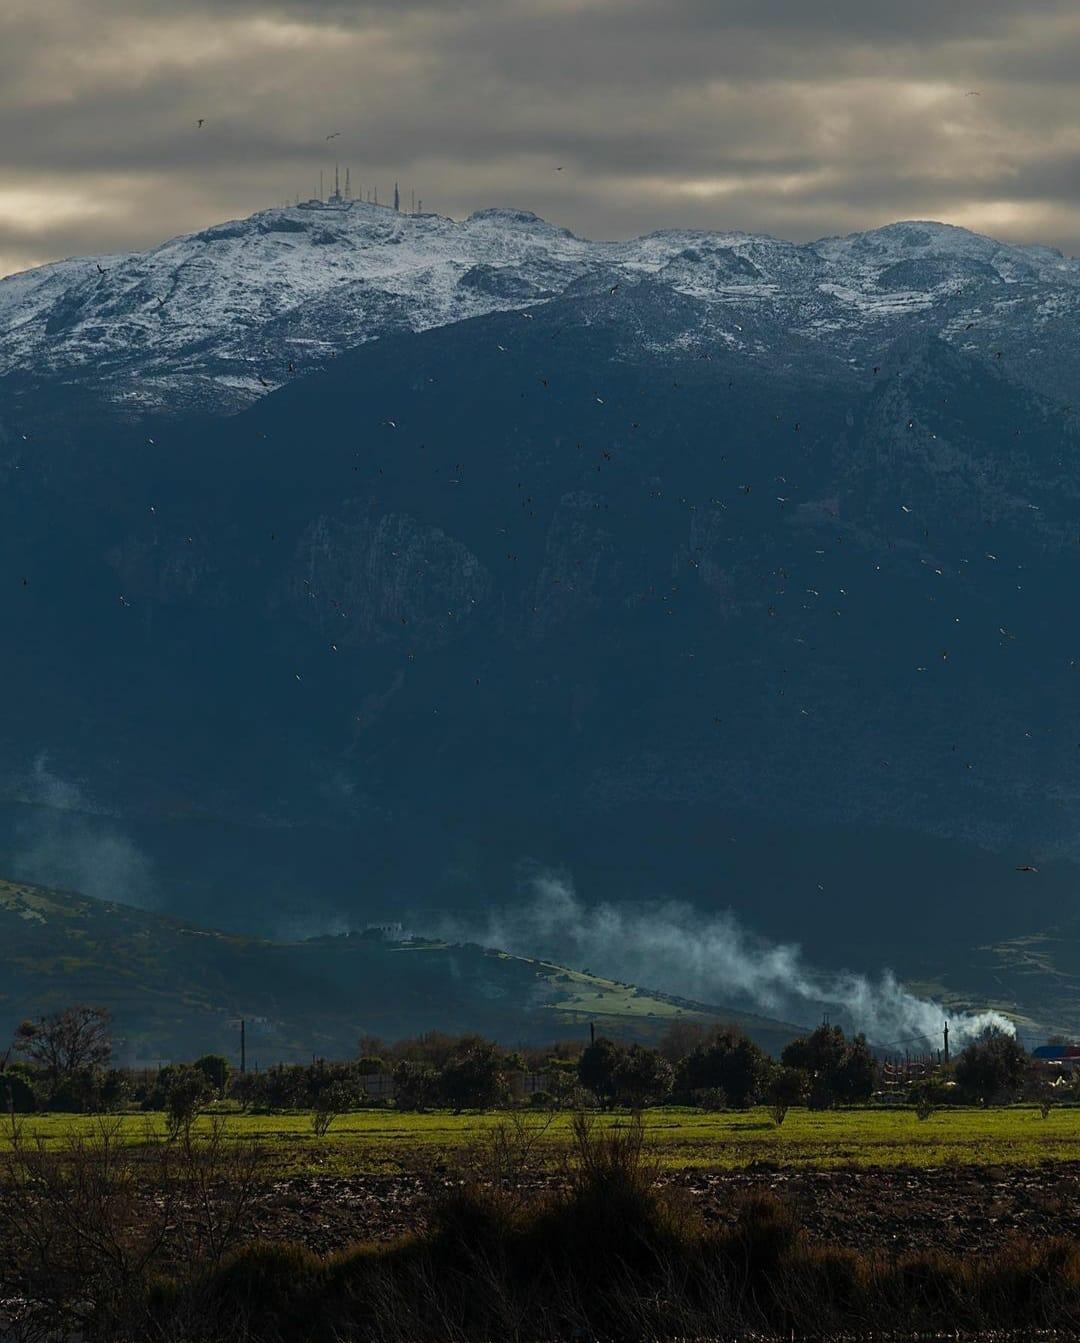 """الصورة لقمة حافة سافا """"الإذاعة"""" أعلى نقطة بجبل غورغيز ، تطوان شمال المغرب"""